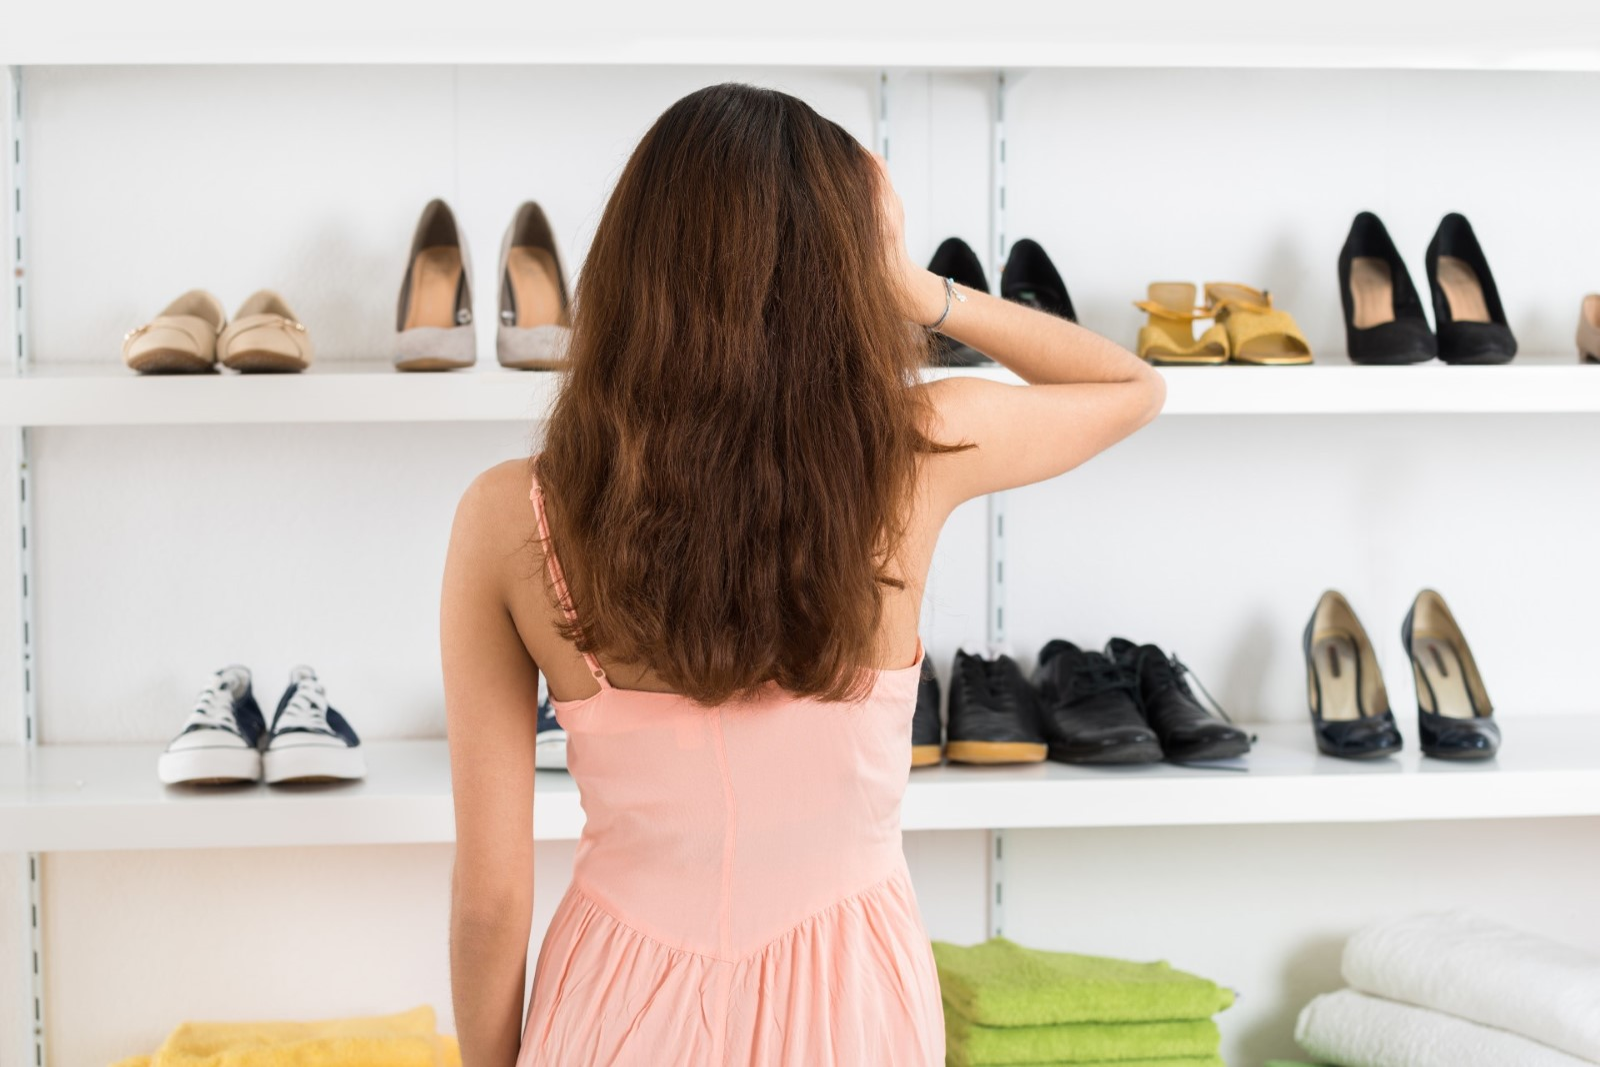 fa94039e9d4 8 paari jalatseid, mis peaks olema igal naisel | Õhtuleht